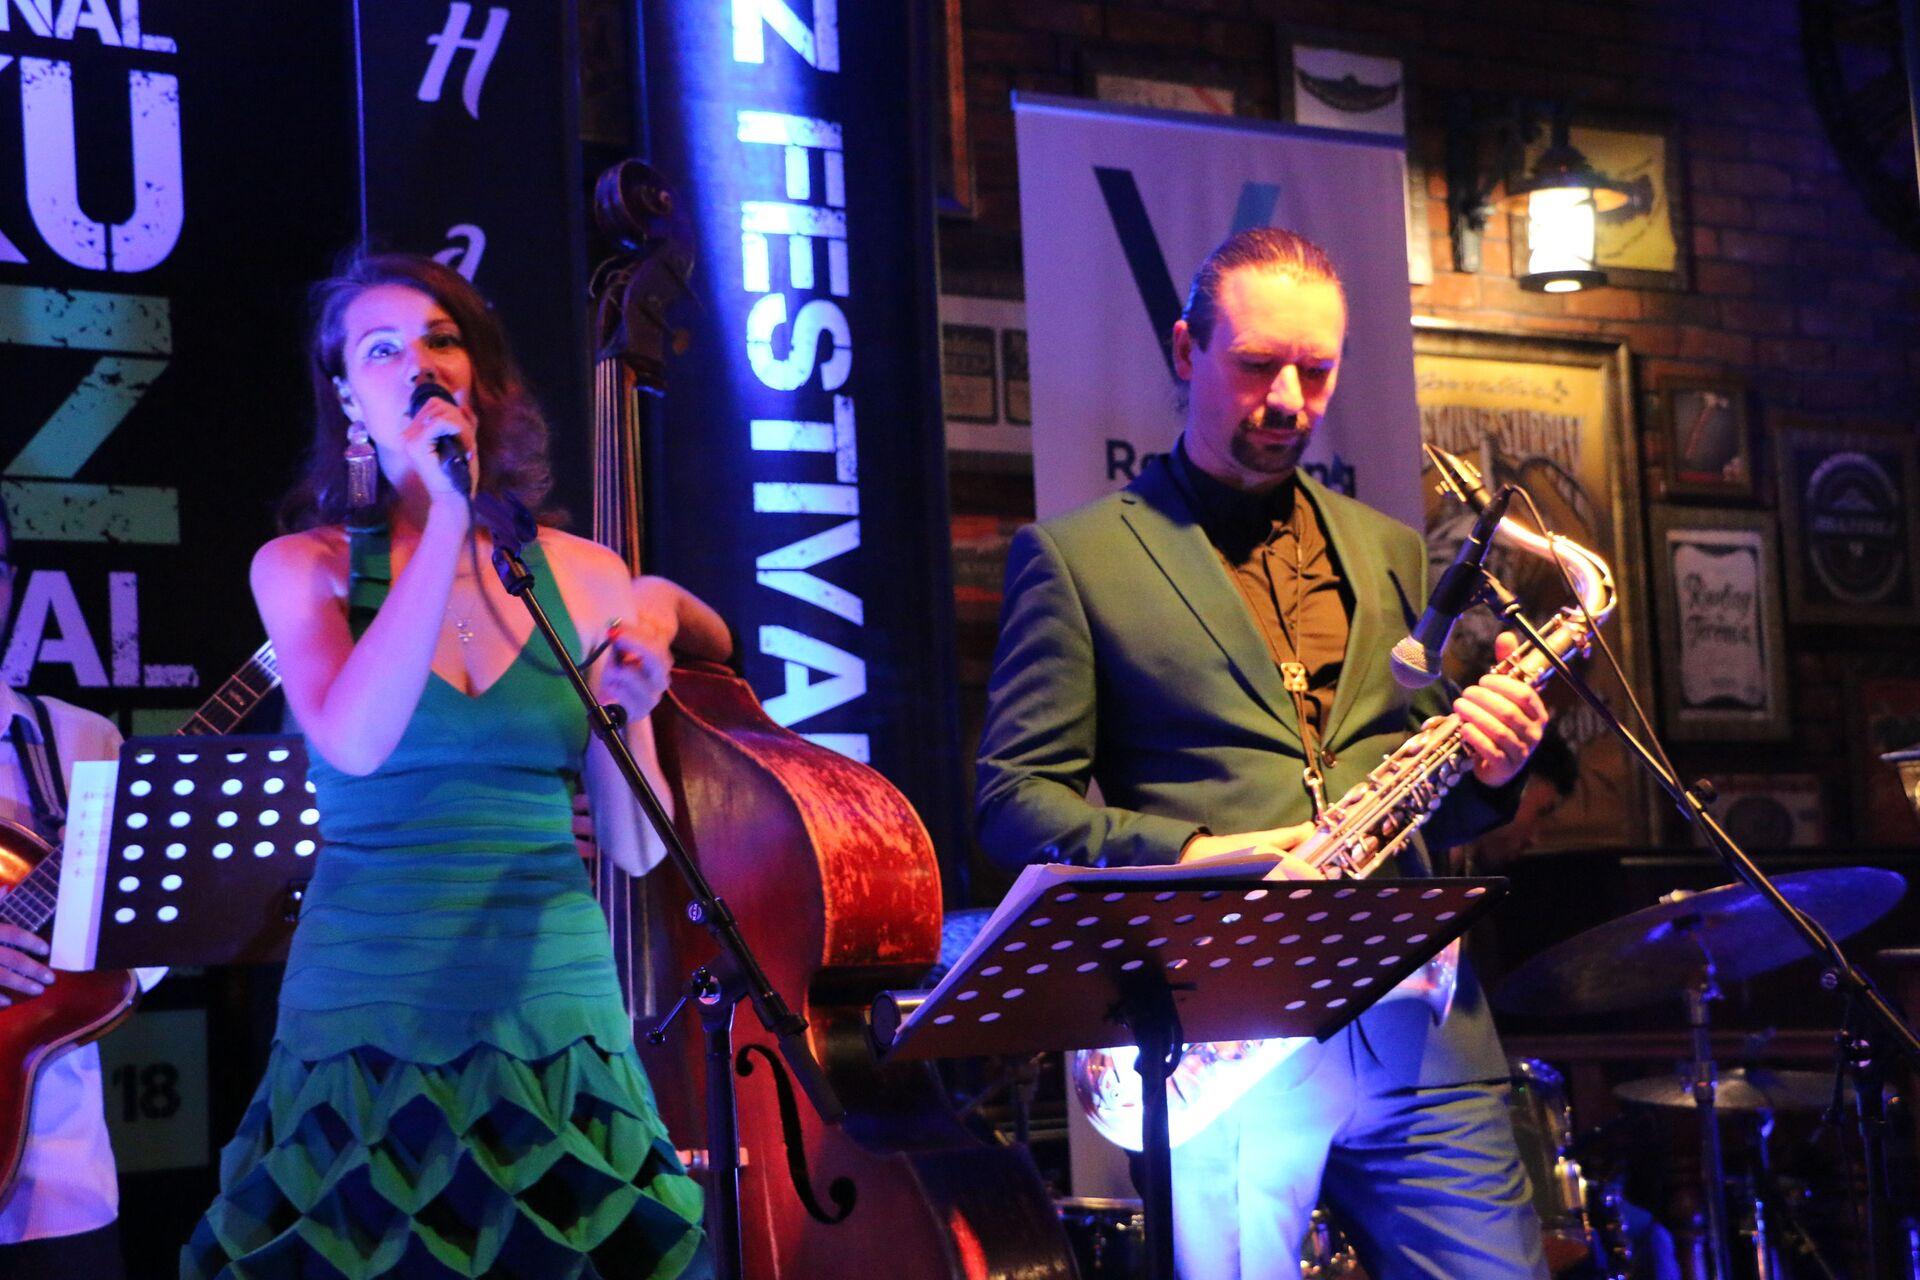 Российская джазовая певица Анна Кашина вместе со своим проектом Jazz du Soleil выступила на Бакинском джаз-фестивале - Sputnik Азербайджан, 1920, 01.10.2021